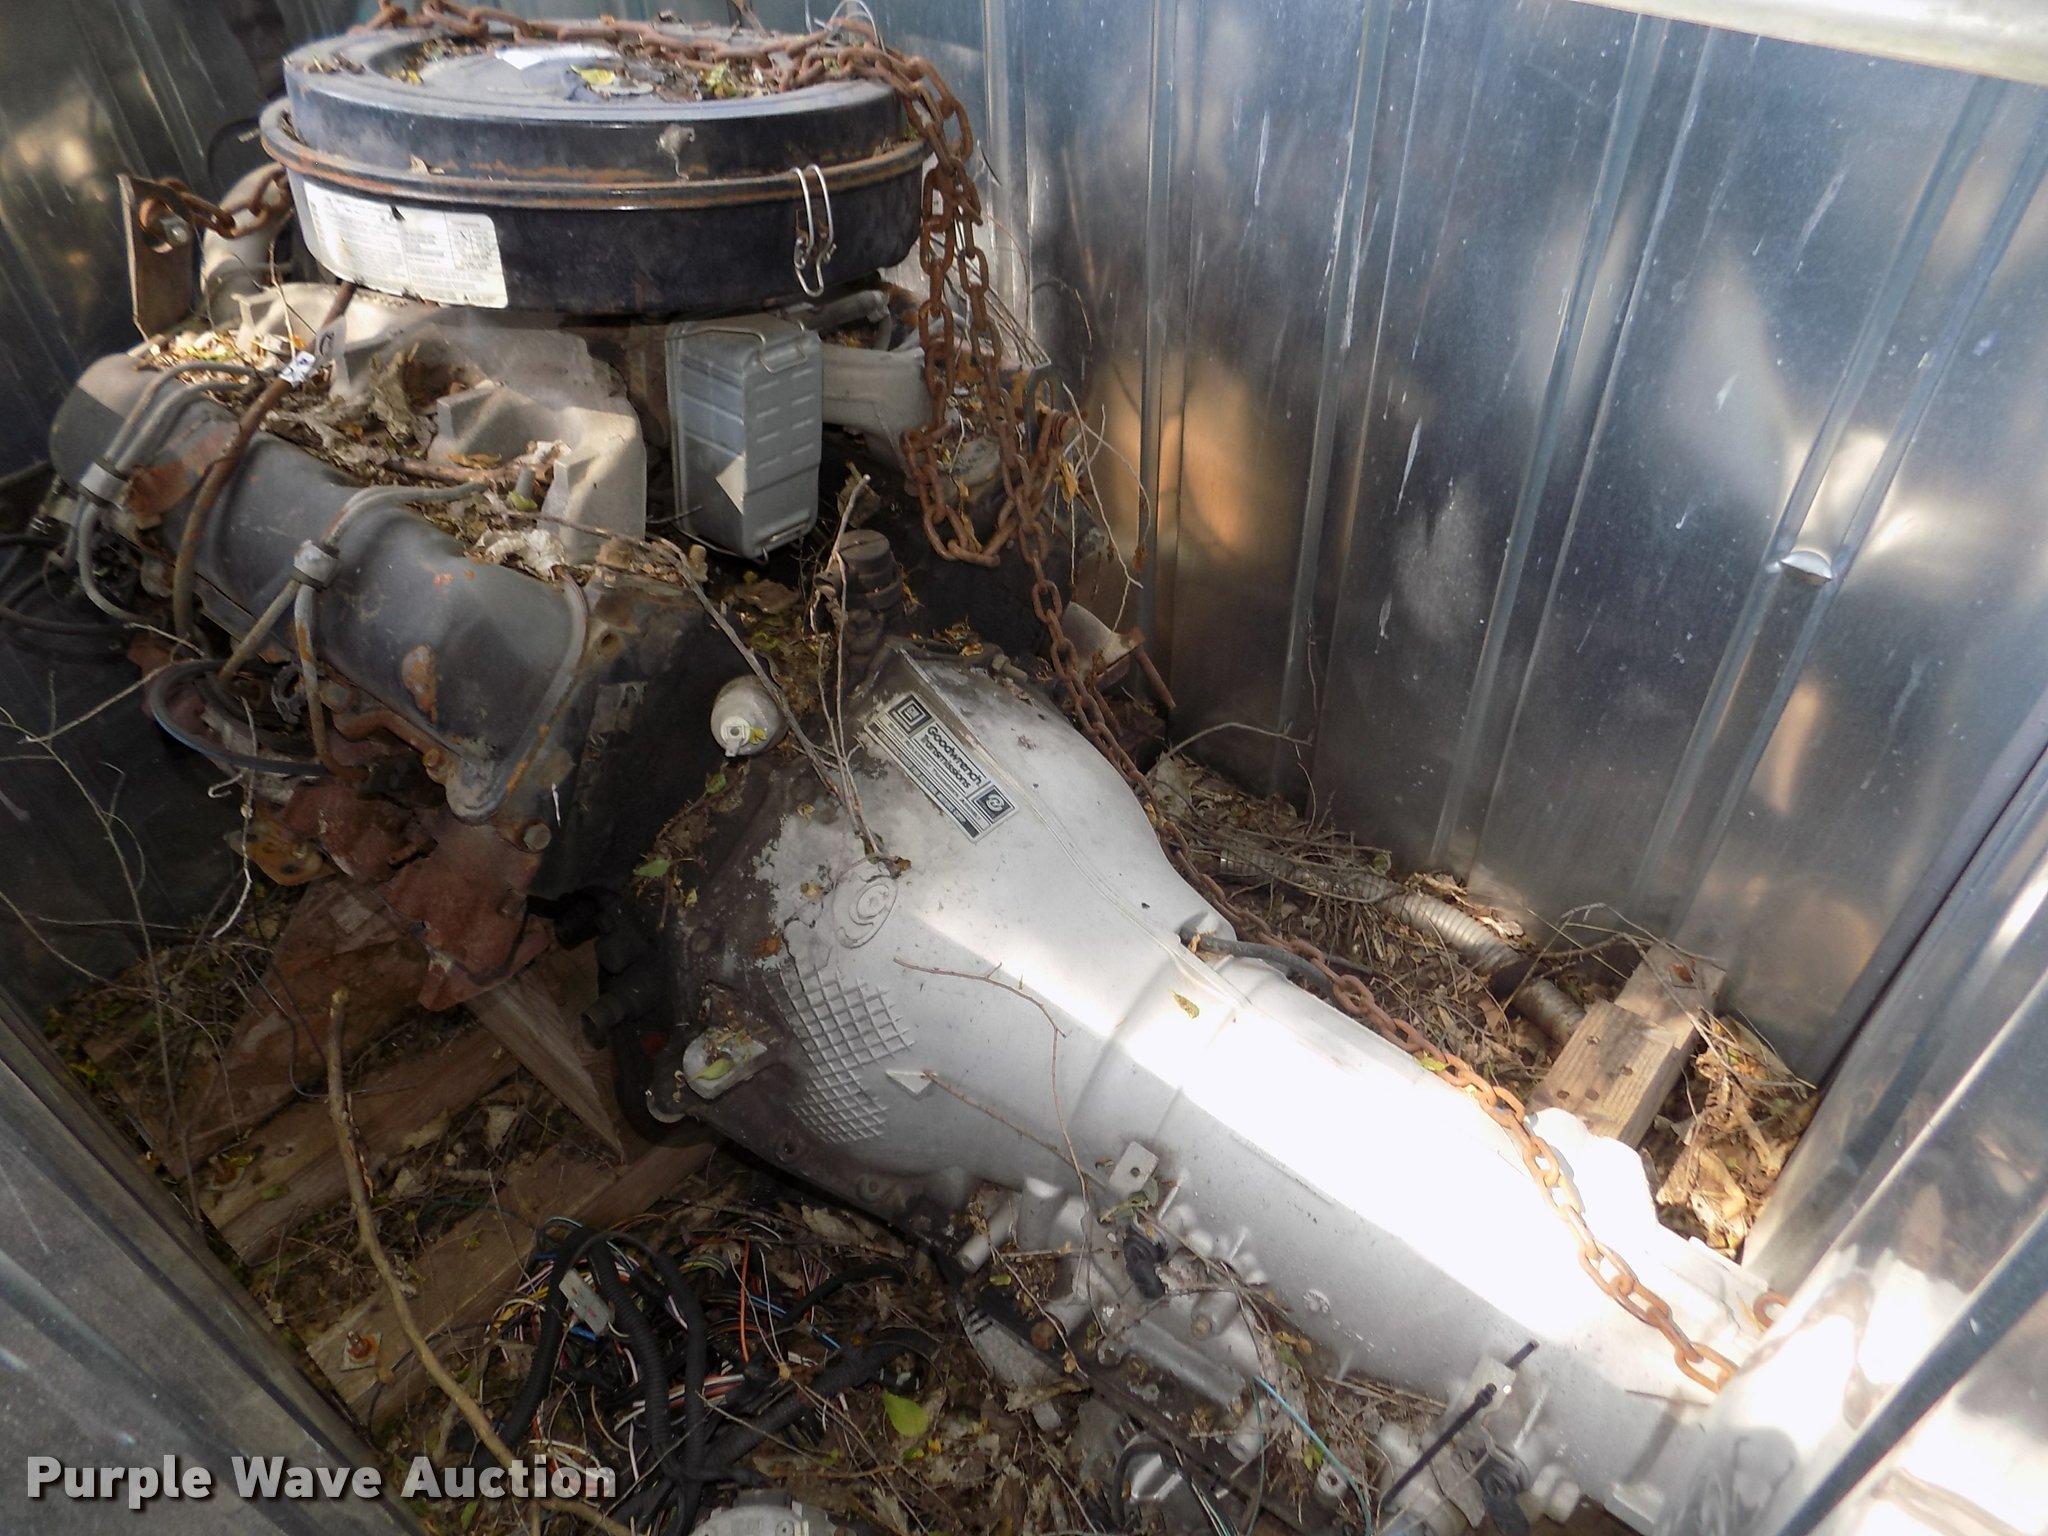 1991 Chevrolet 6 2l V8 Diesel Engine Item Do9249 Sold J